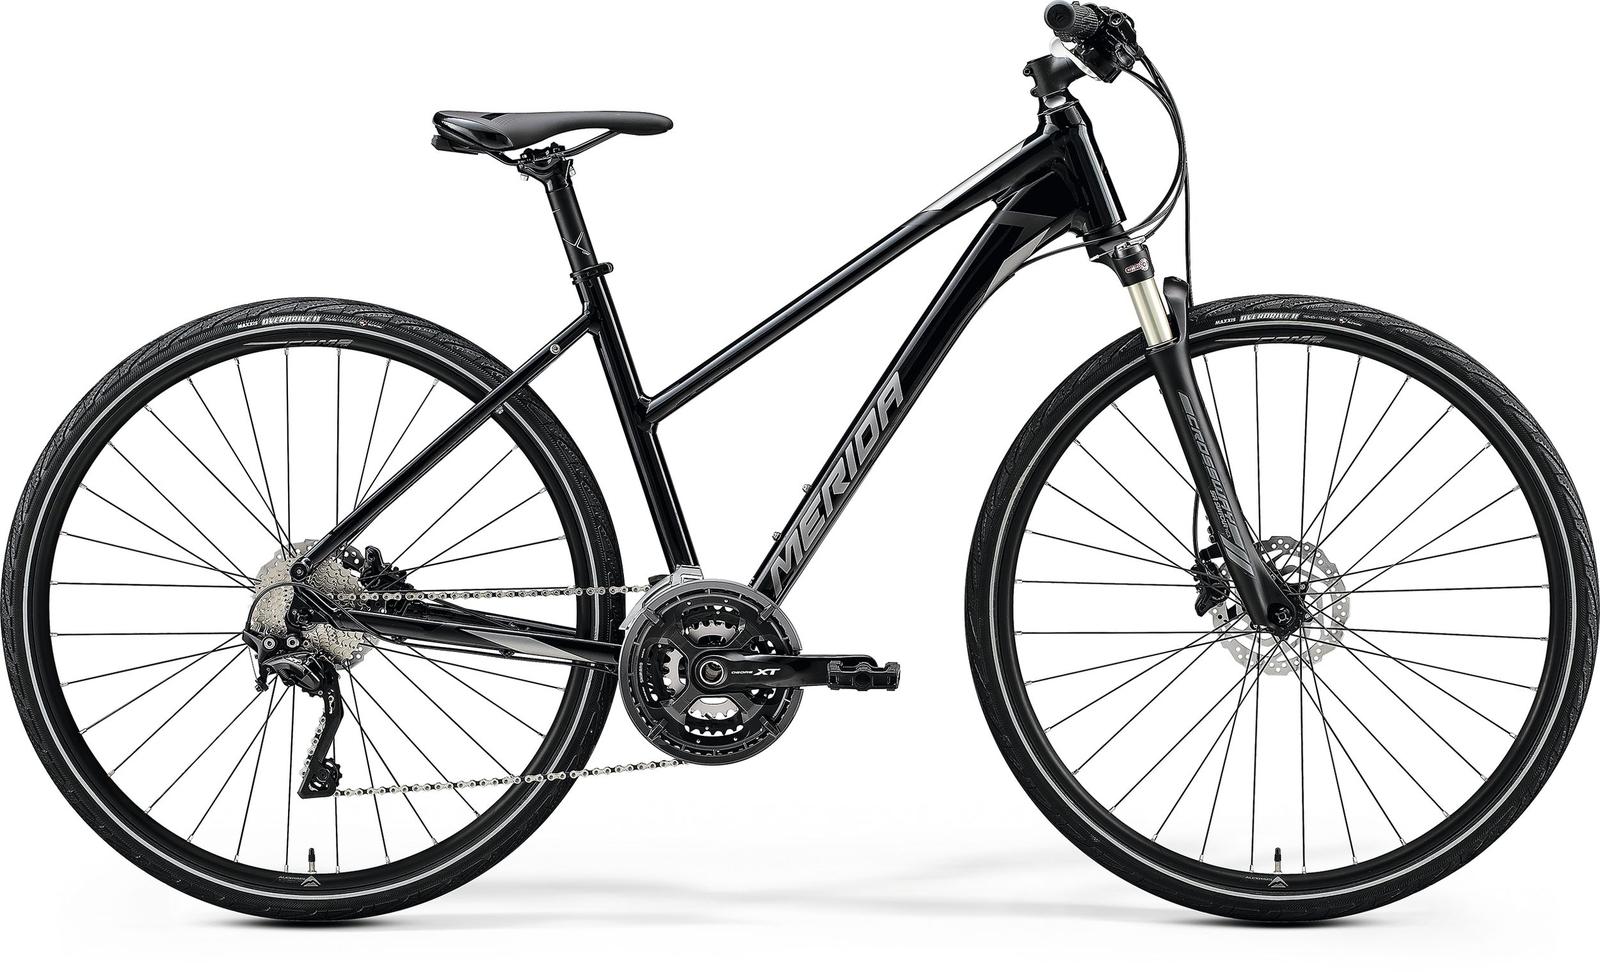 Bicicleta de trekking/oras femei Merida Crossway XT-Edition Negru/Argintiu 2020 imagine